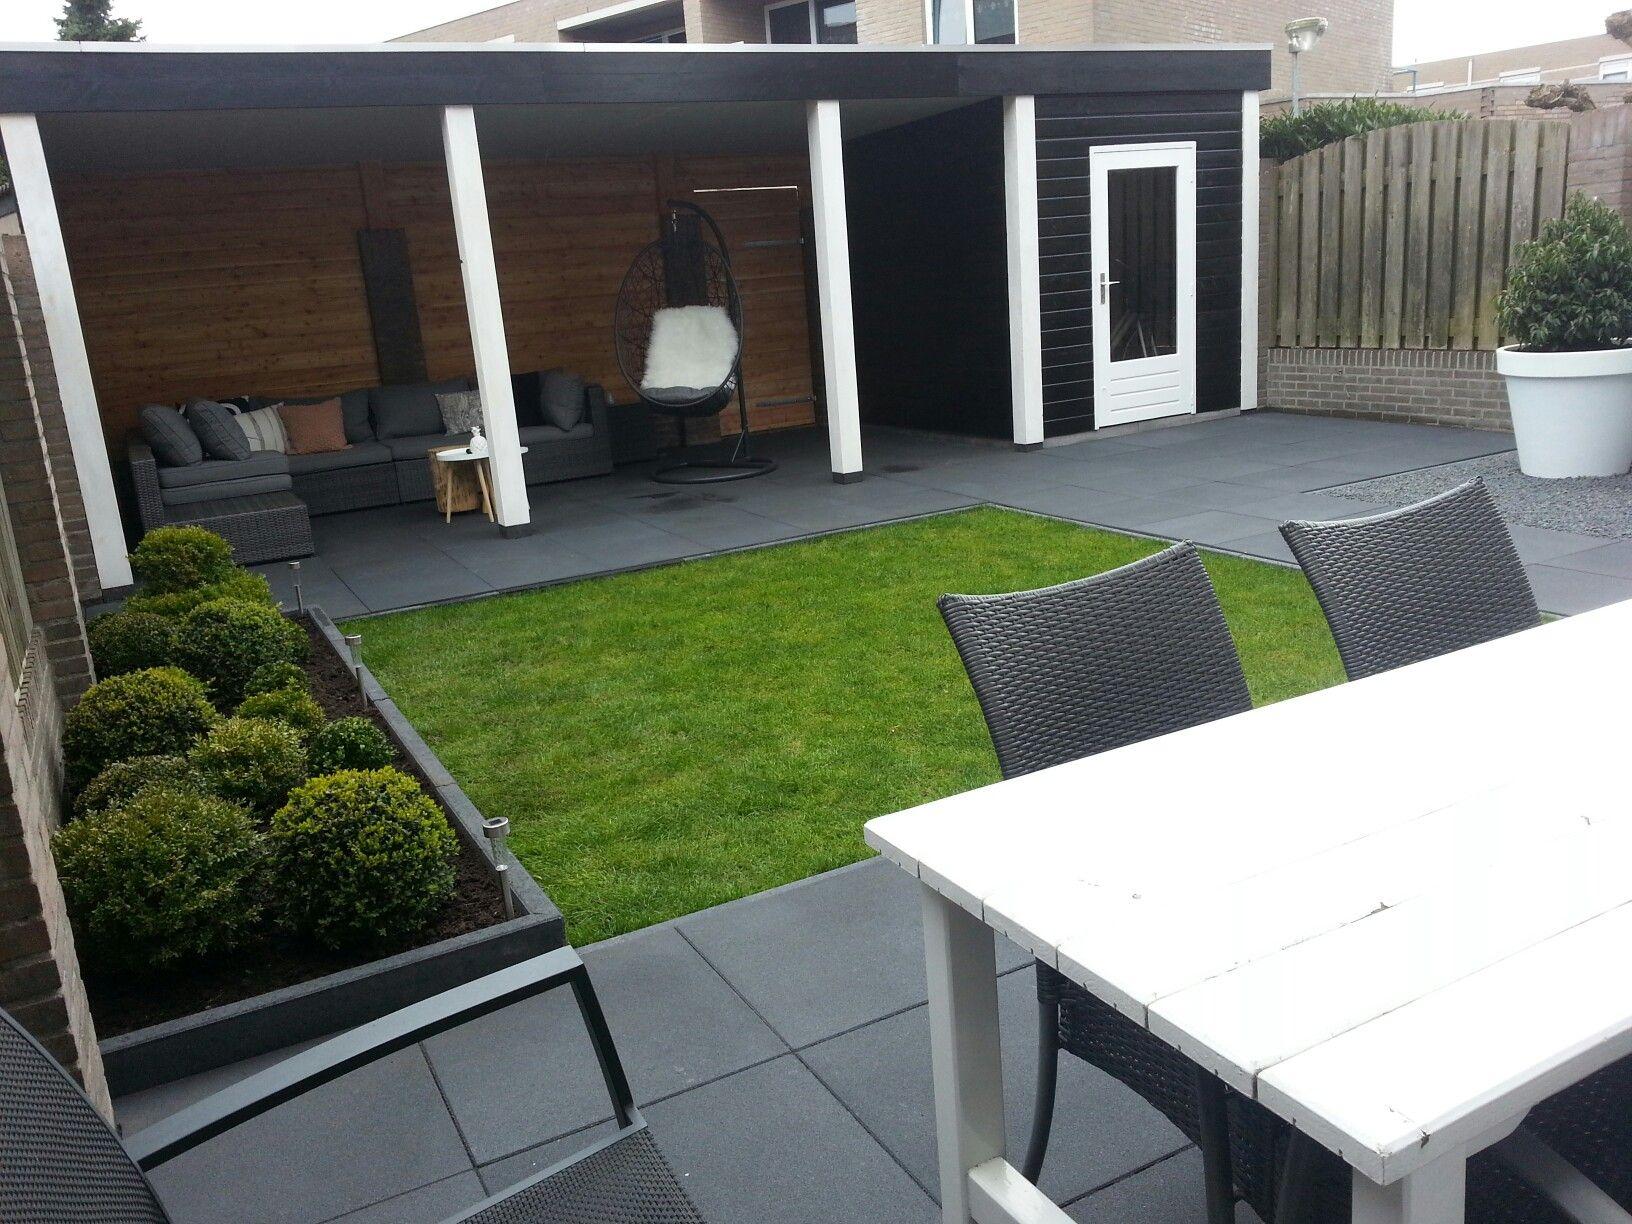 Veranda overkapping met schuurtje in een strakke moderne for Bestrating kleine tuin